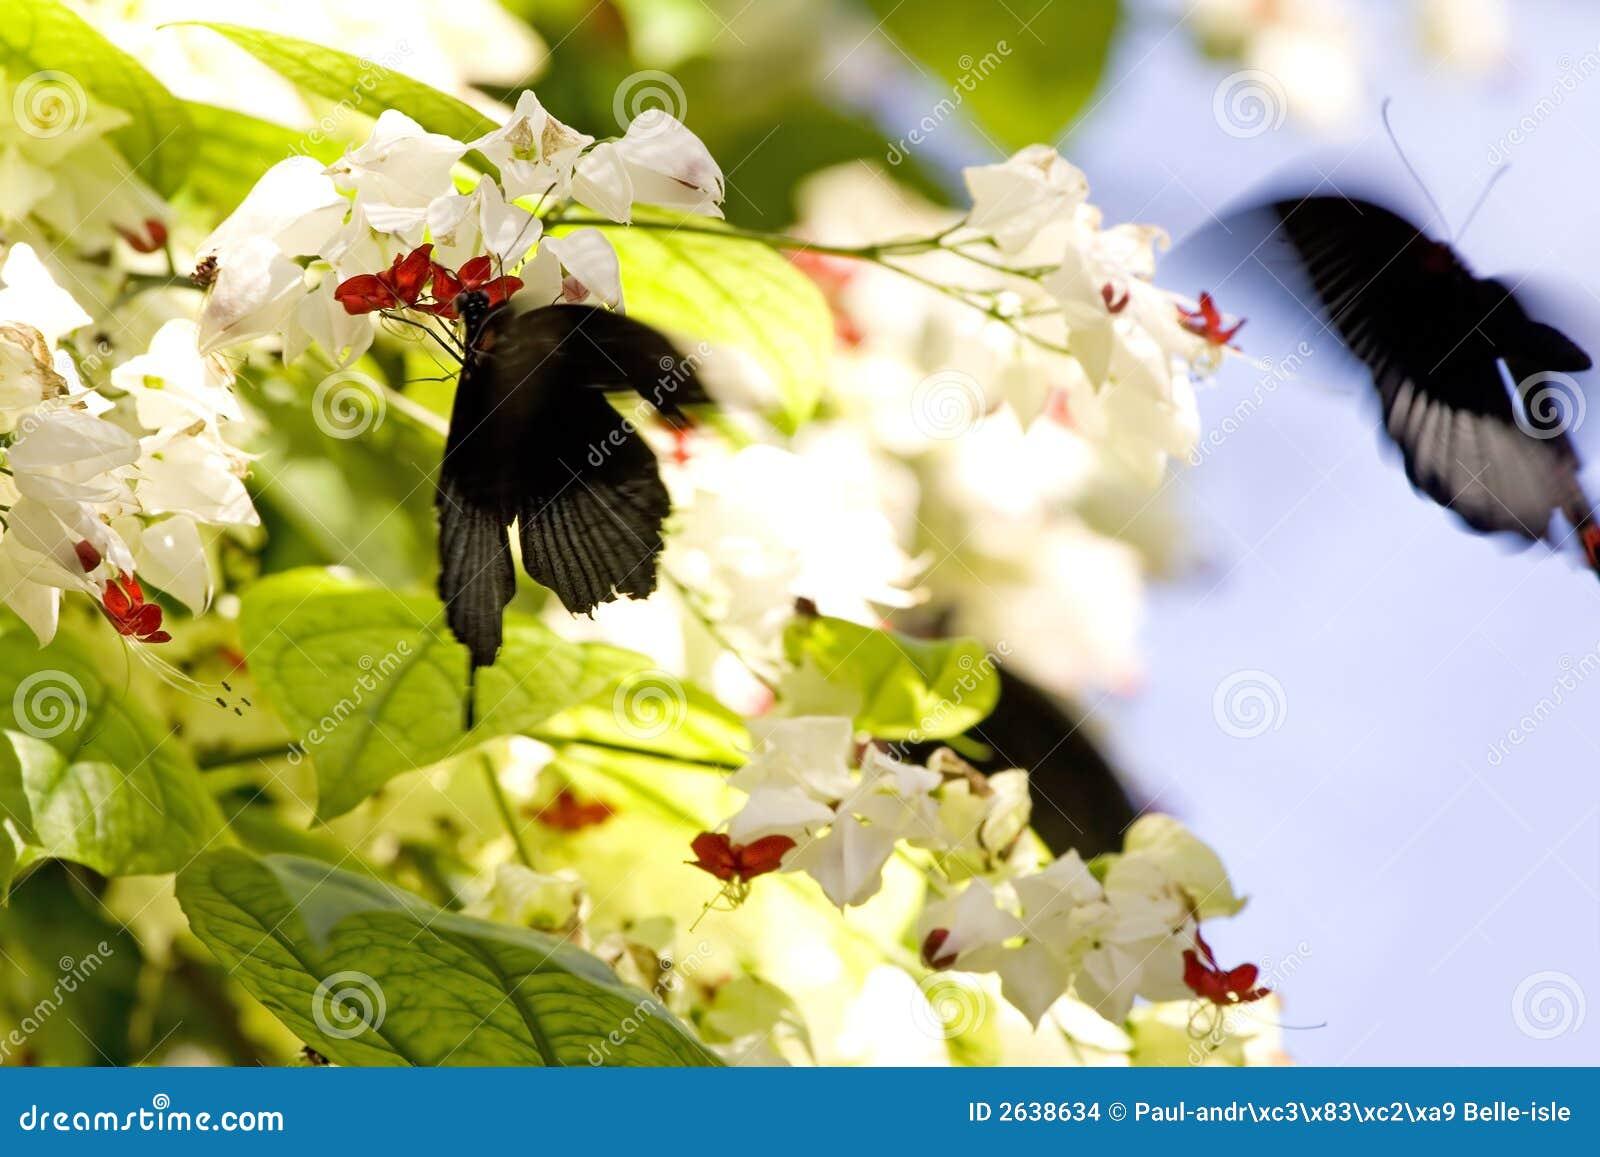 Mariposas en la acción